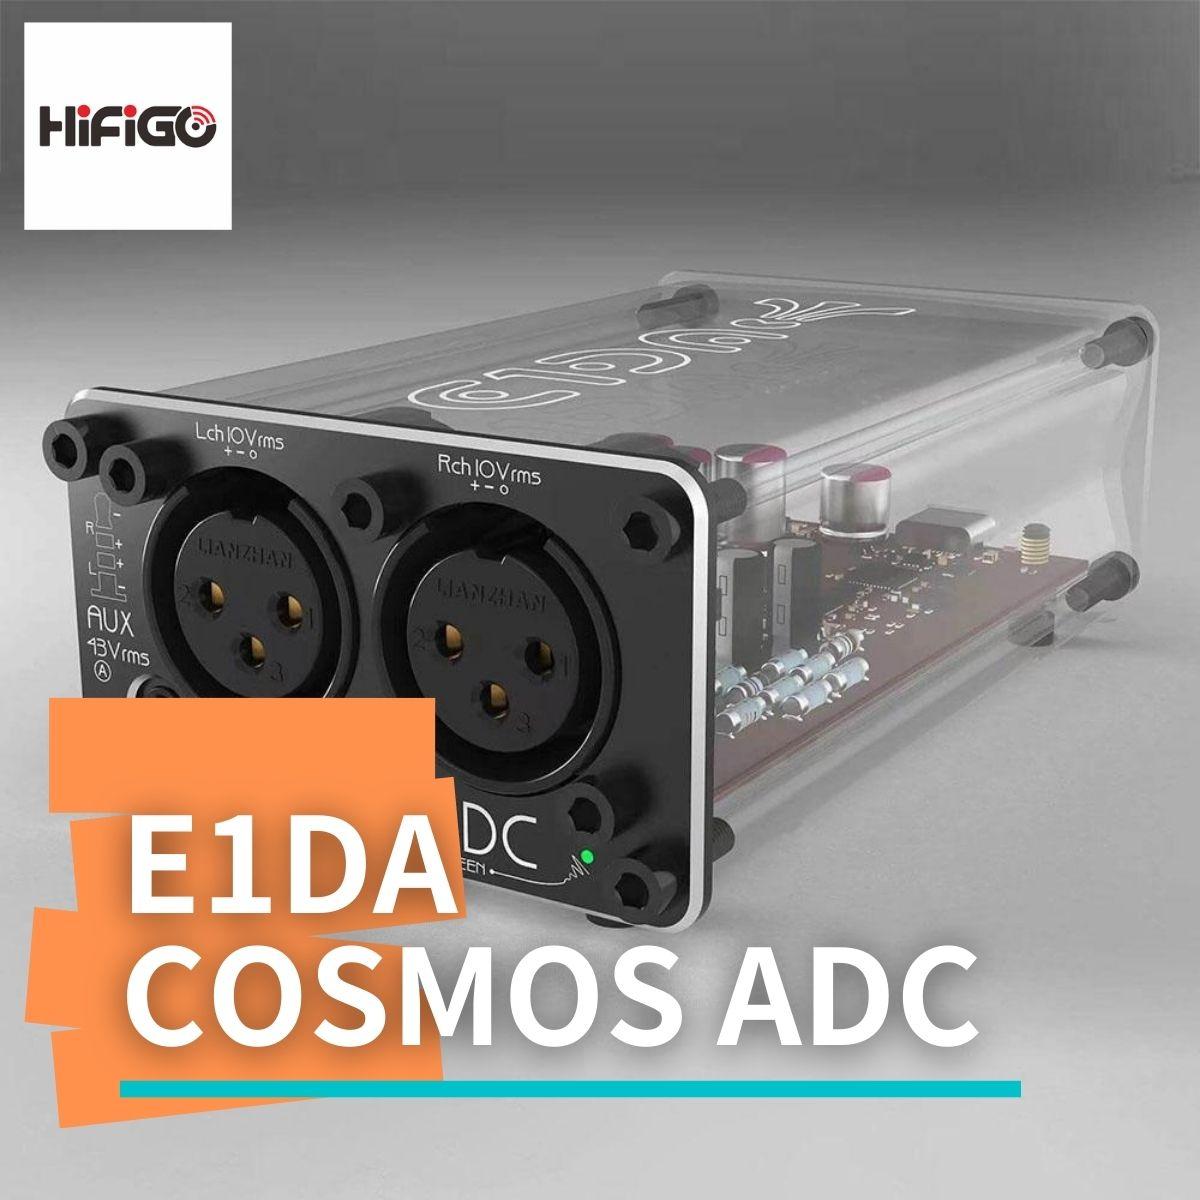 【HiFiGOニュース】E1DA Cosmos ADC:高性能なアナログ・デジタル・コンバータ